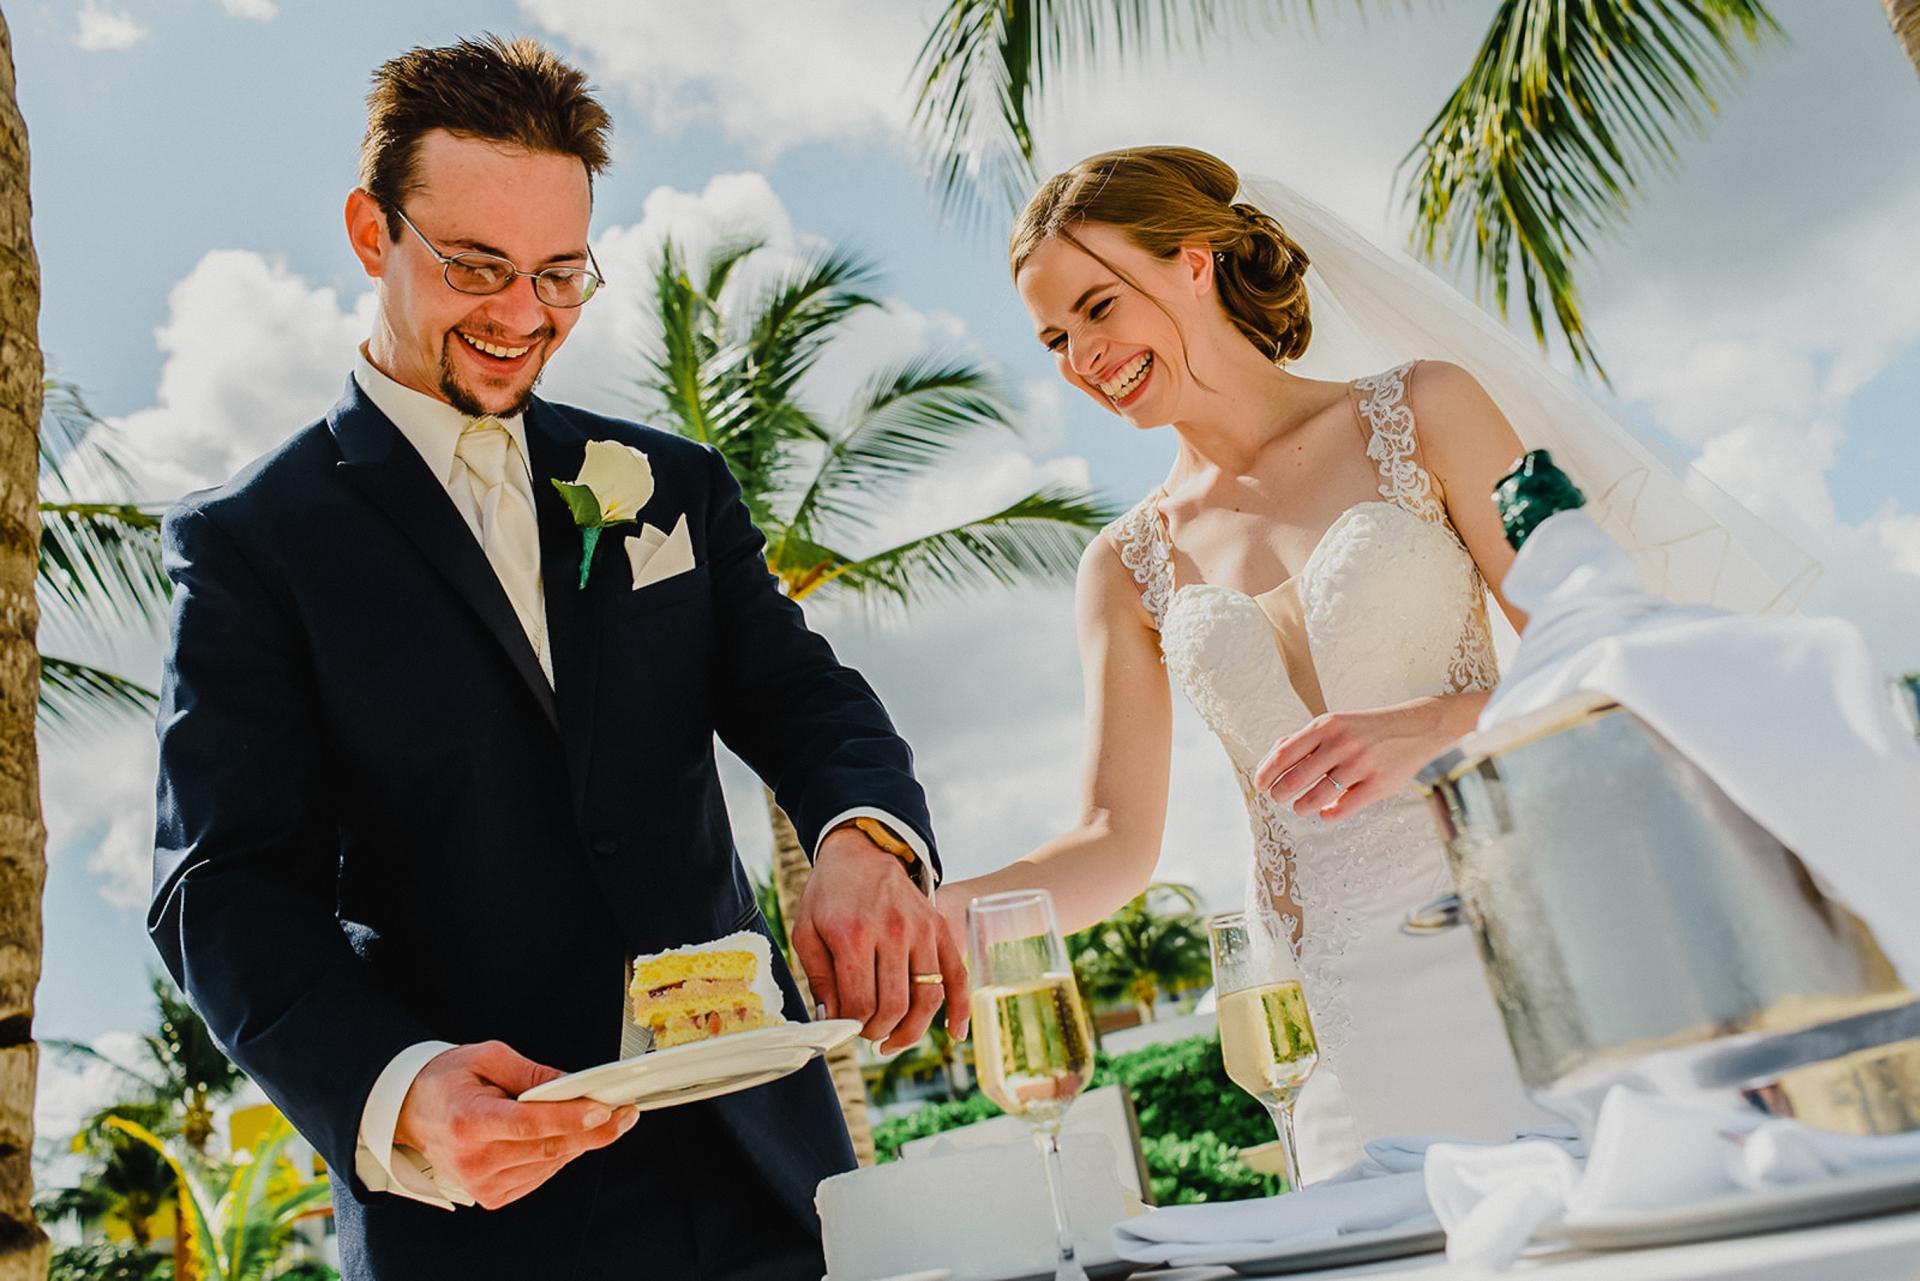 Imagem de casal casamento Cancun praia | o noivo serve a primeira fatia de bolo de casamento